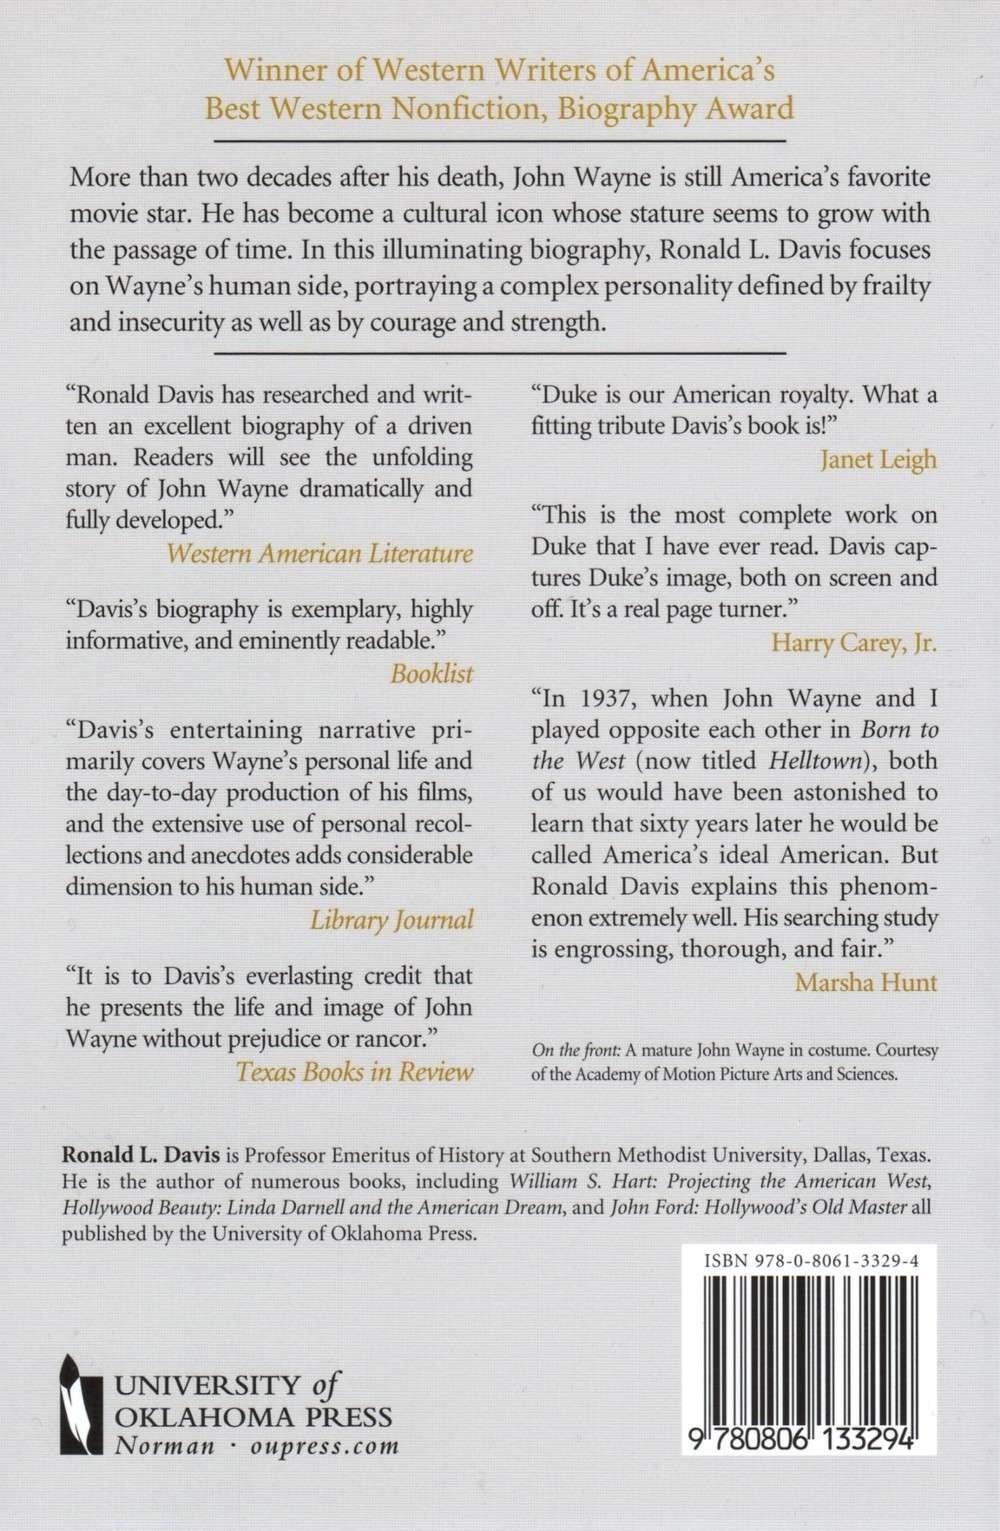 Livres en anglais sur le DUKE.